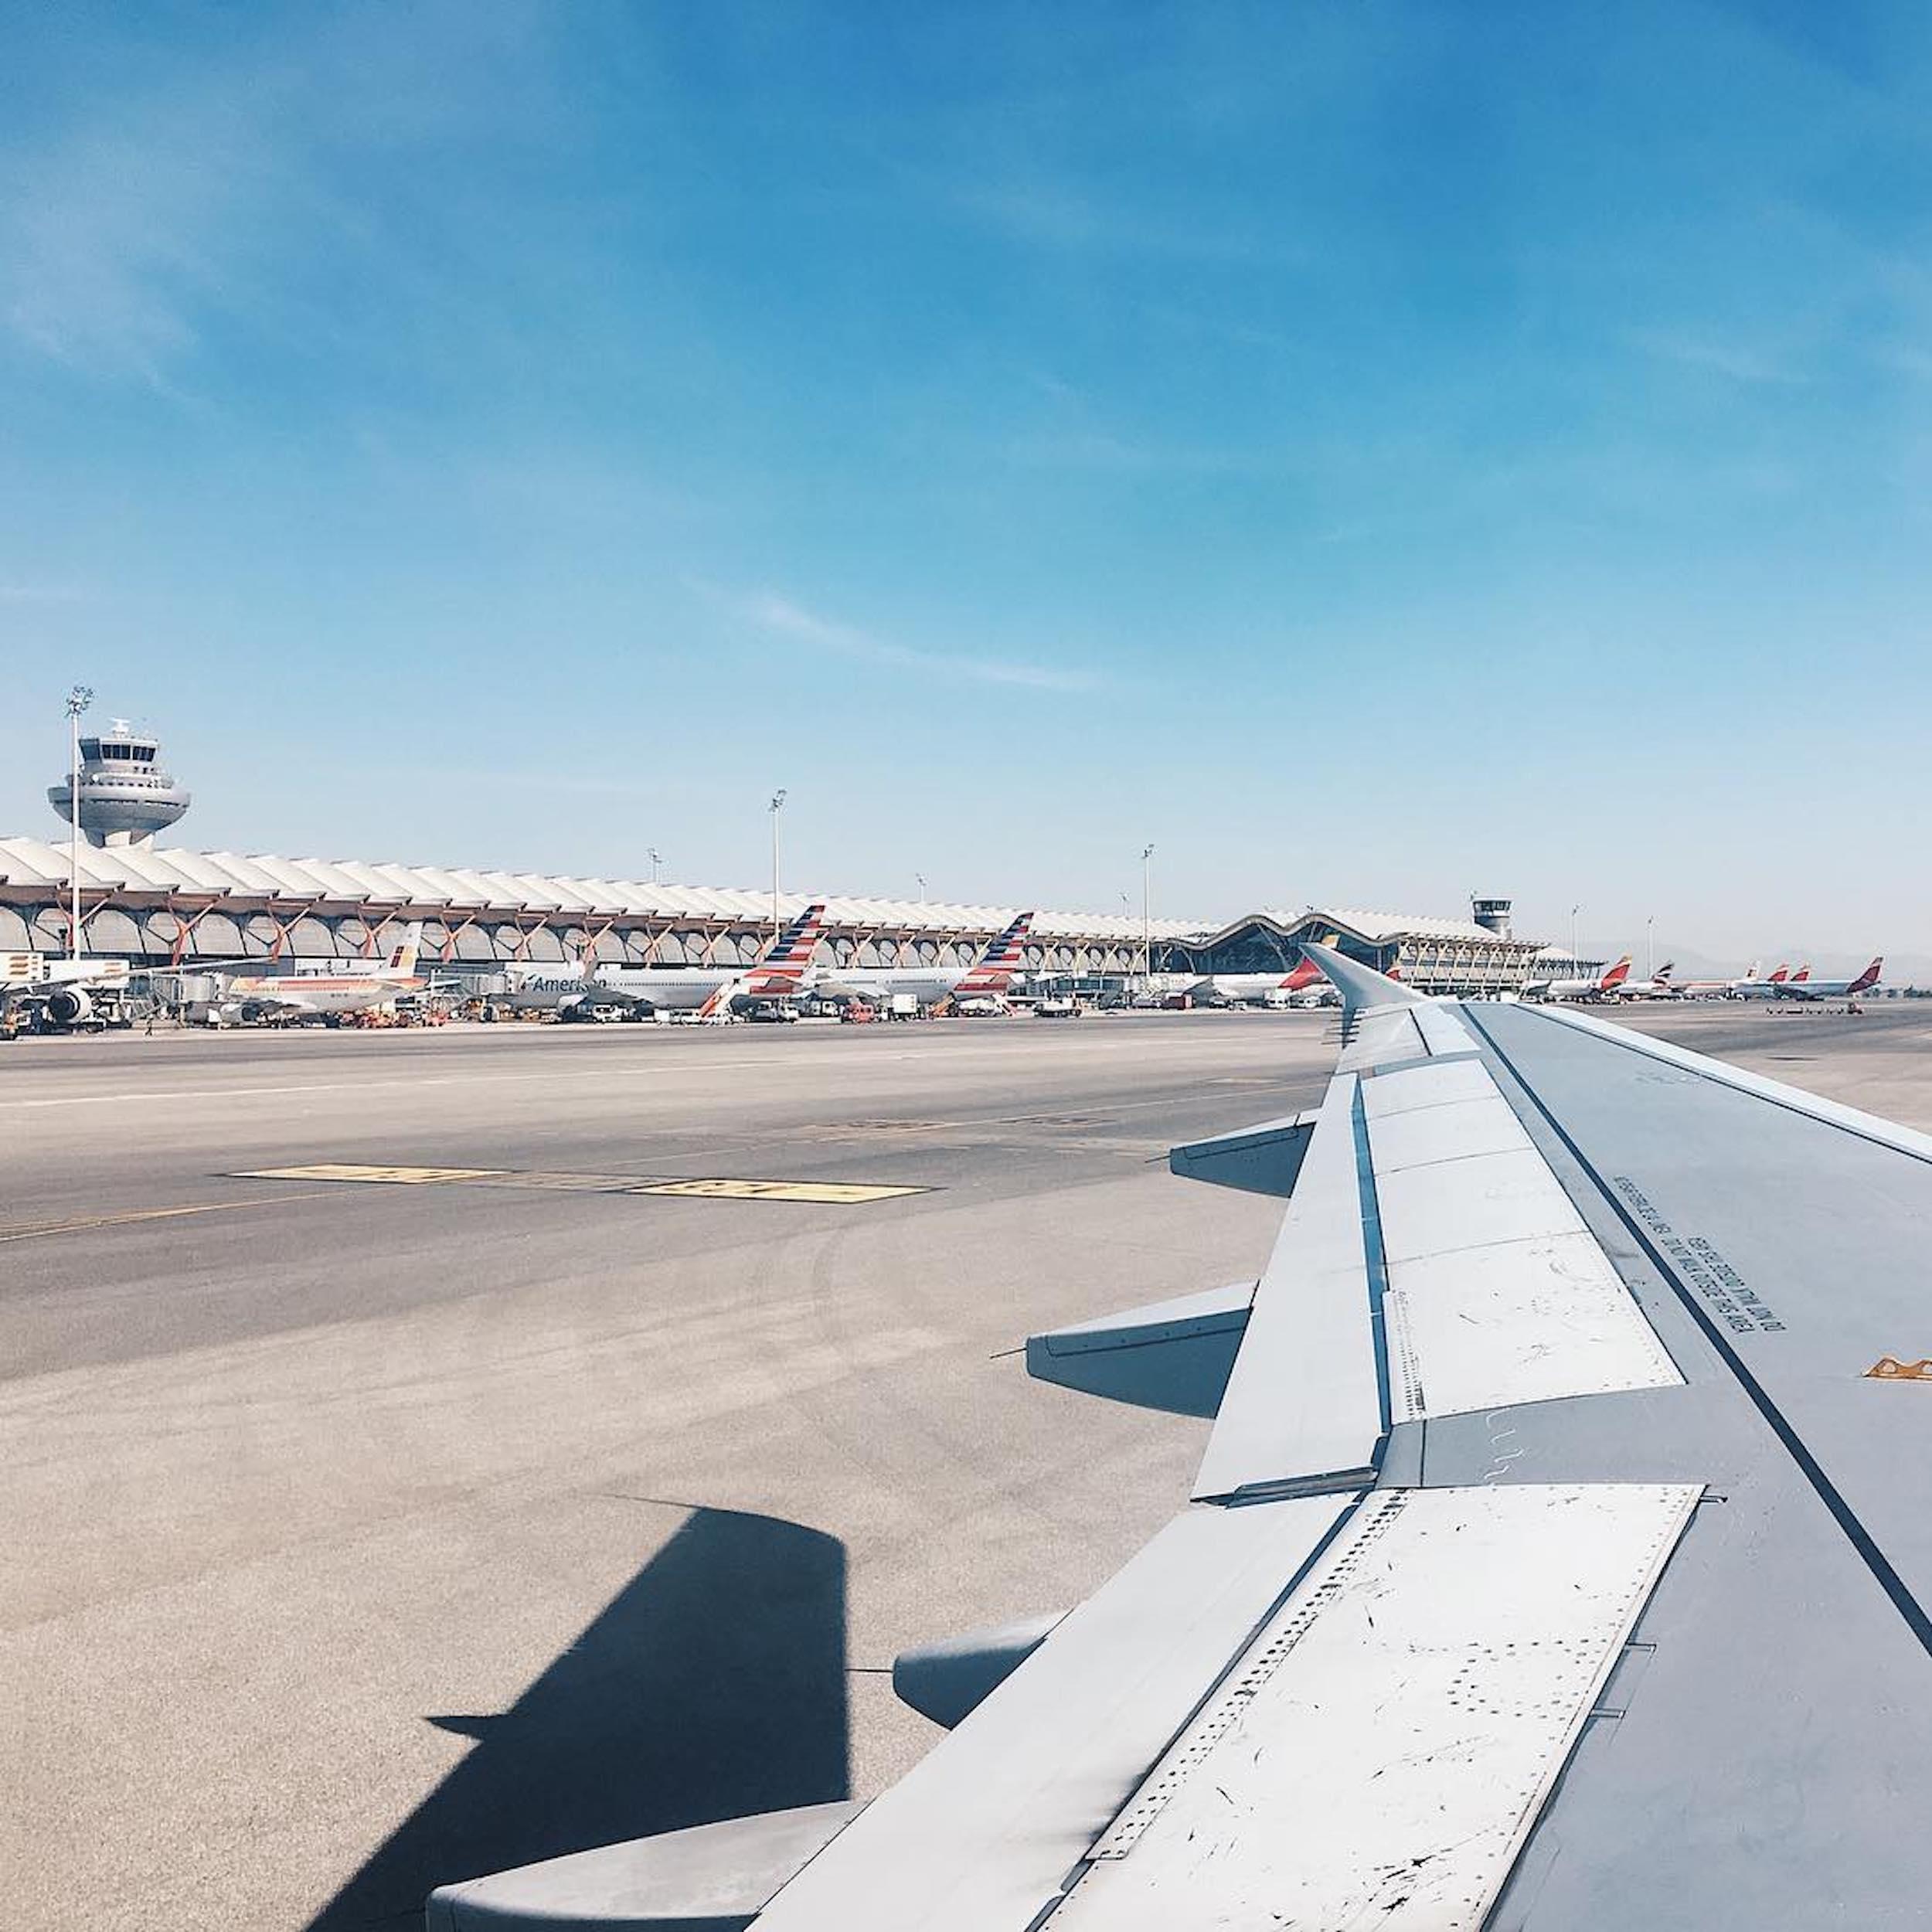 plane-wing-sky-airport.jpg